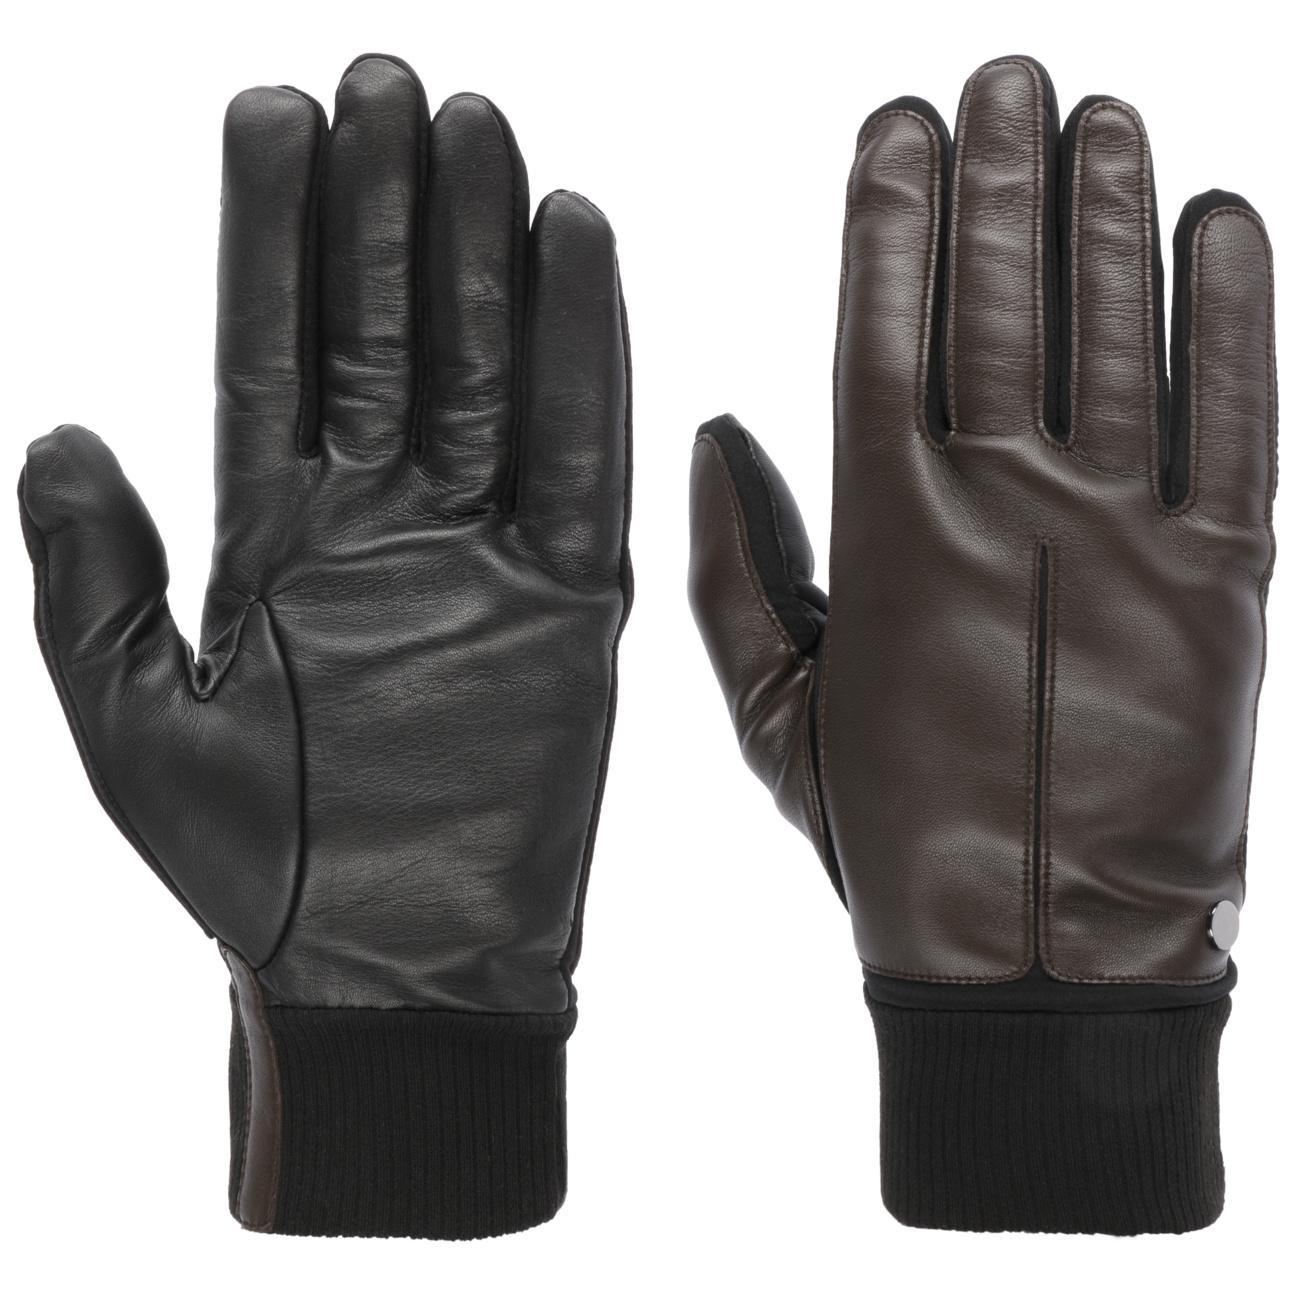 Gants Smartphone Peau de Mouton by Roeckl  paire de gants hiver